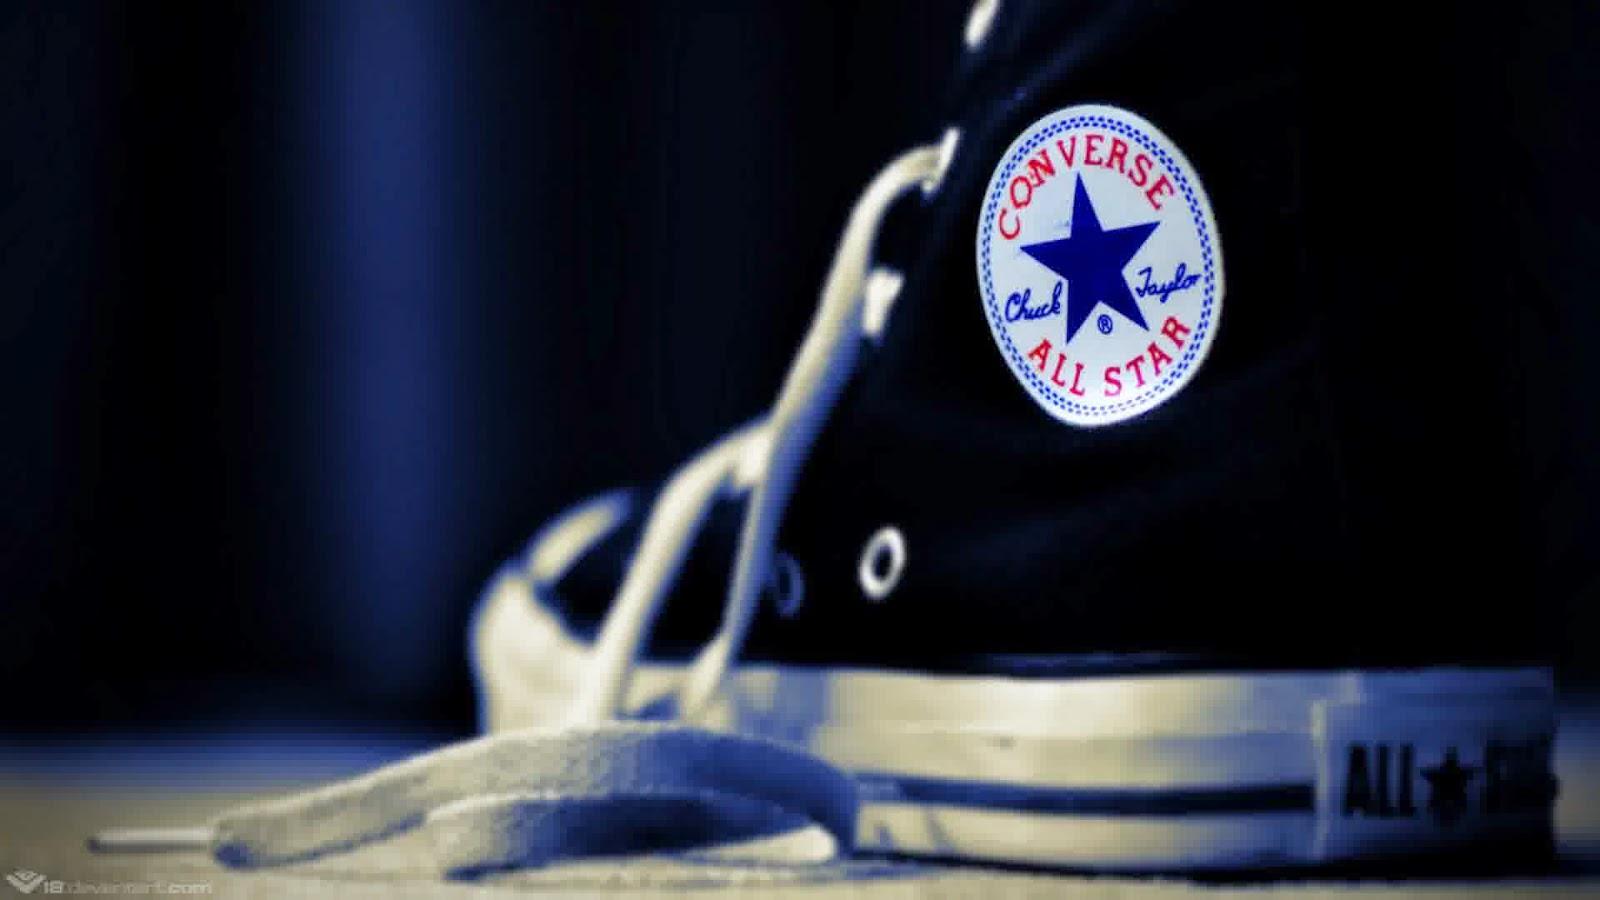 Daftar Harga Sepatu Converse All Star Original Terbaru 2019  a61ee94f4a